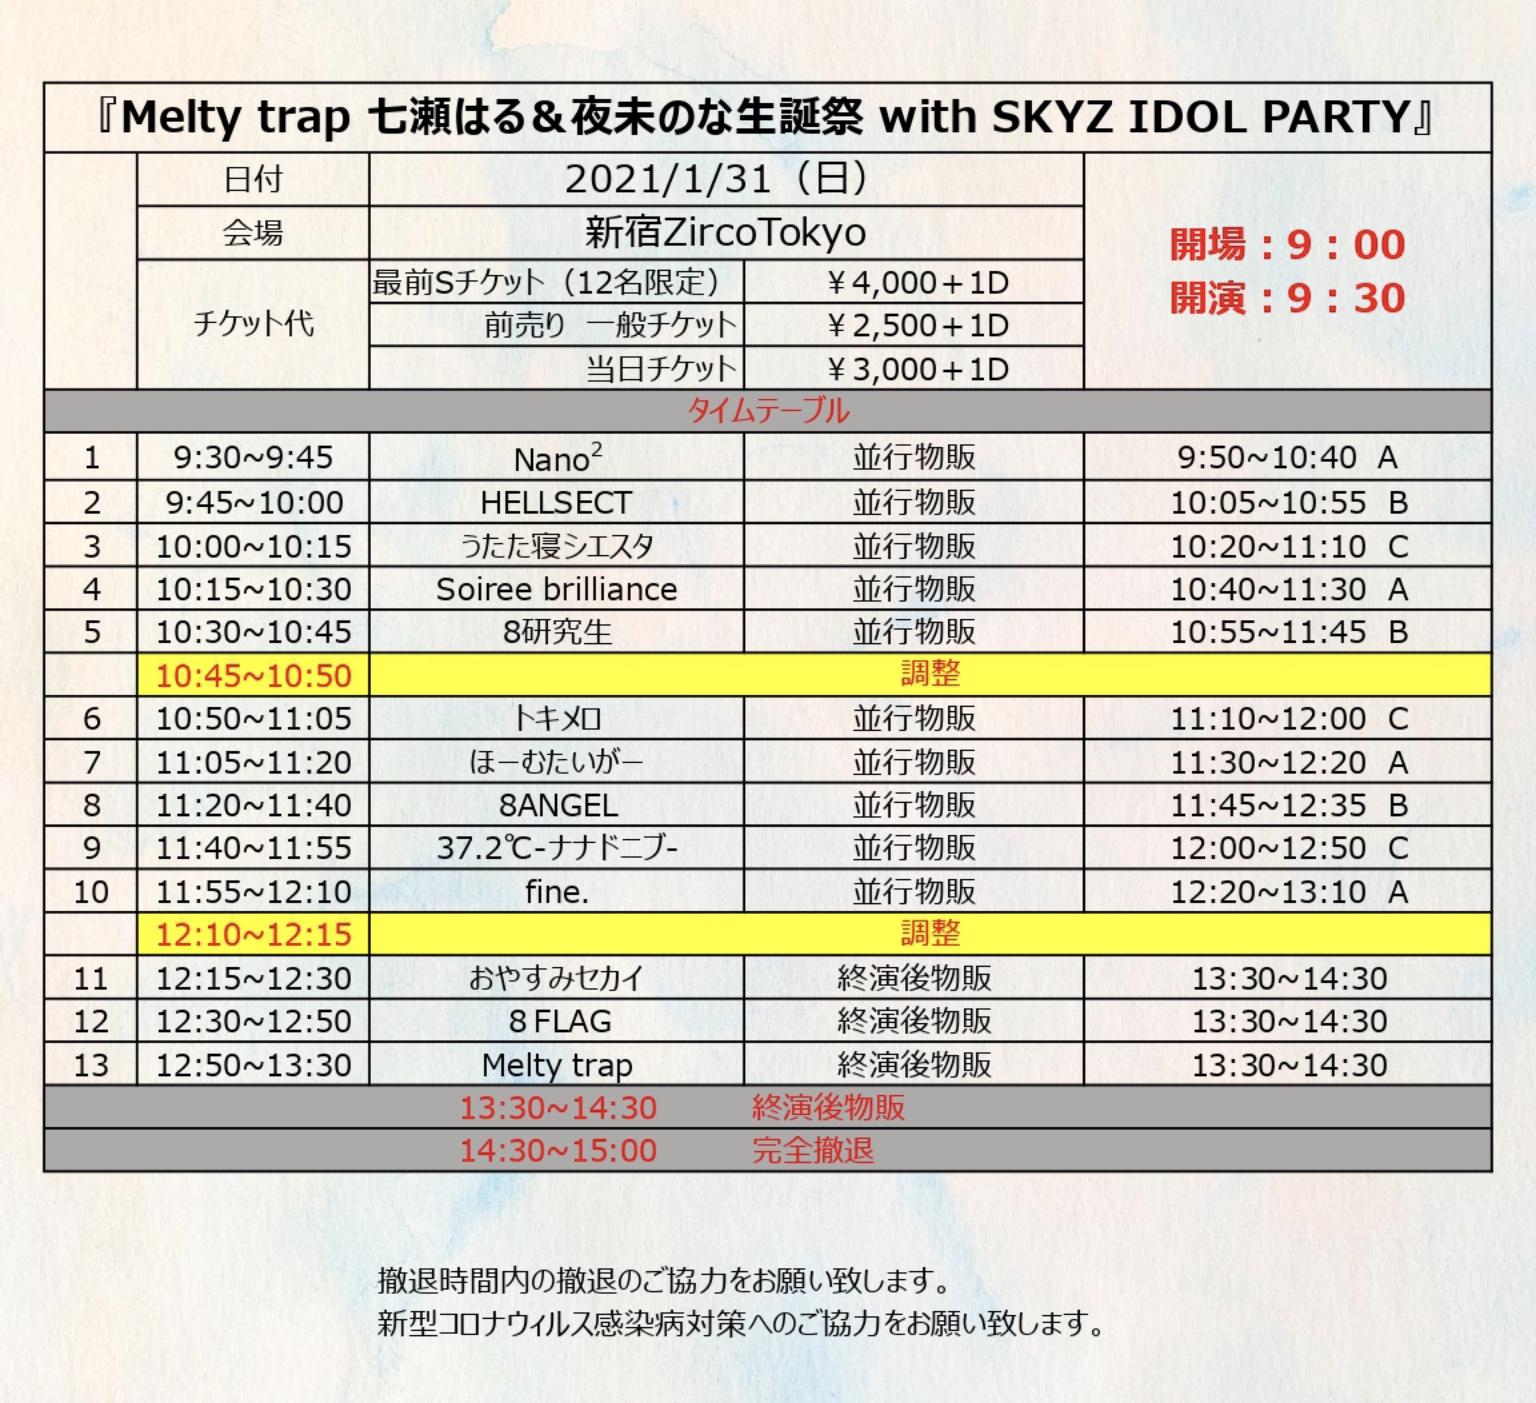 Melty Trap 七瀬はる&夜末のな生誕祭 with SKYZ IDOL PARTY